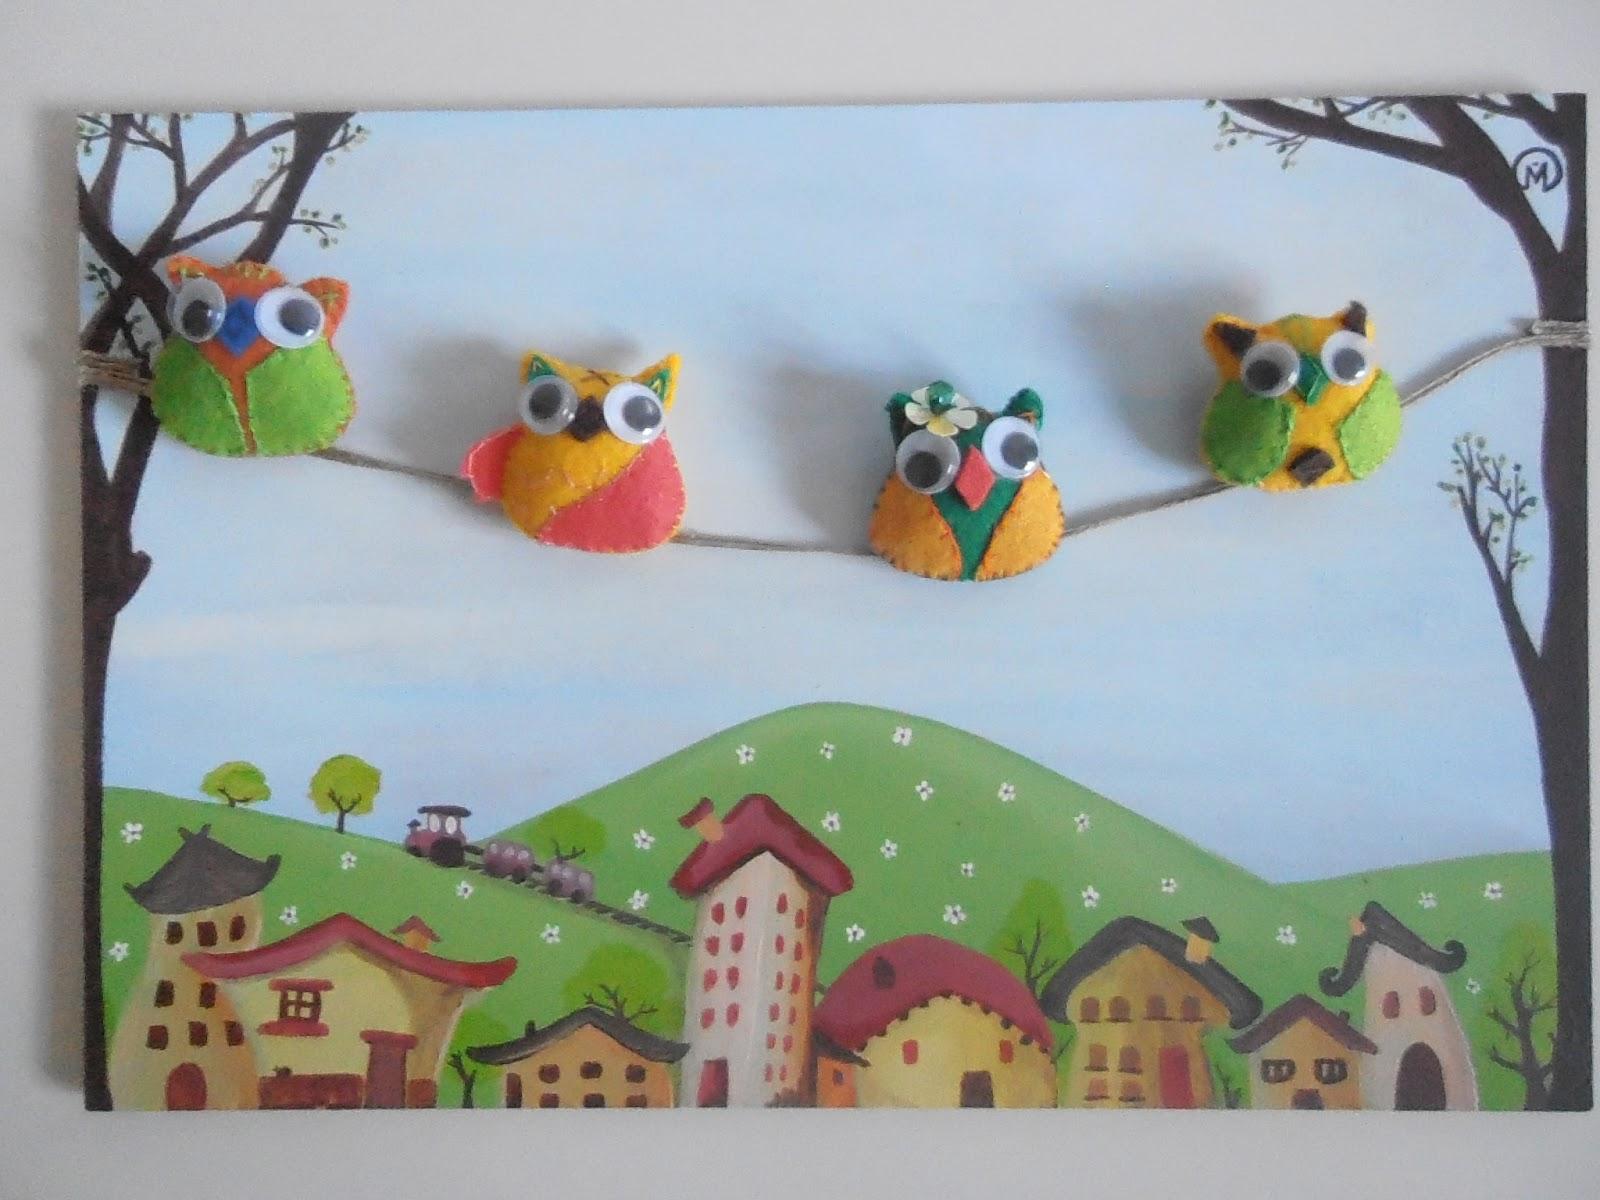 Regalos artesanales espero que os gusten estos cuadros infantiles realizados en acrilico y fieltro - Cuadros artesanales infantiles ...